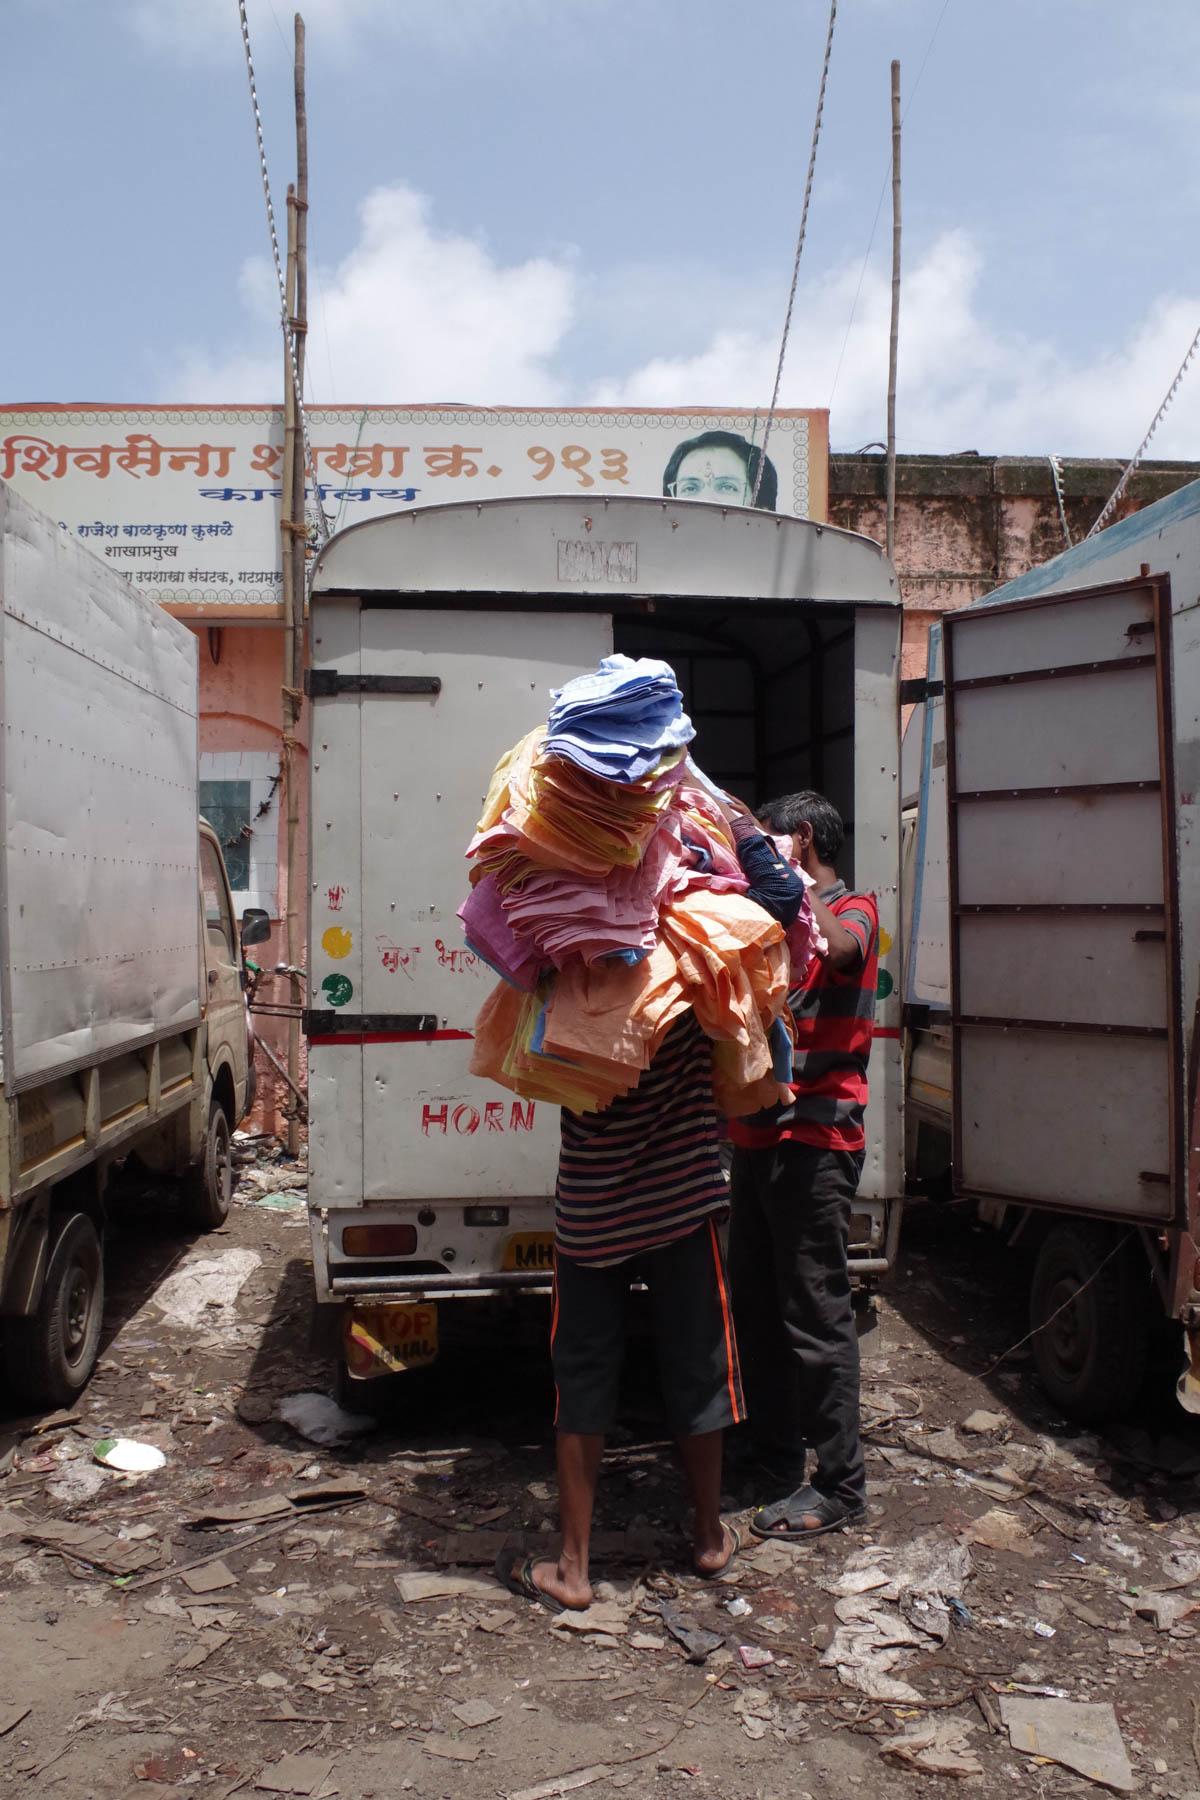 ムンバイ 巨大洗濯工場 ドービーガート 洗濯物を運ぶ人④